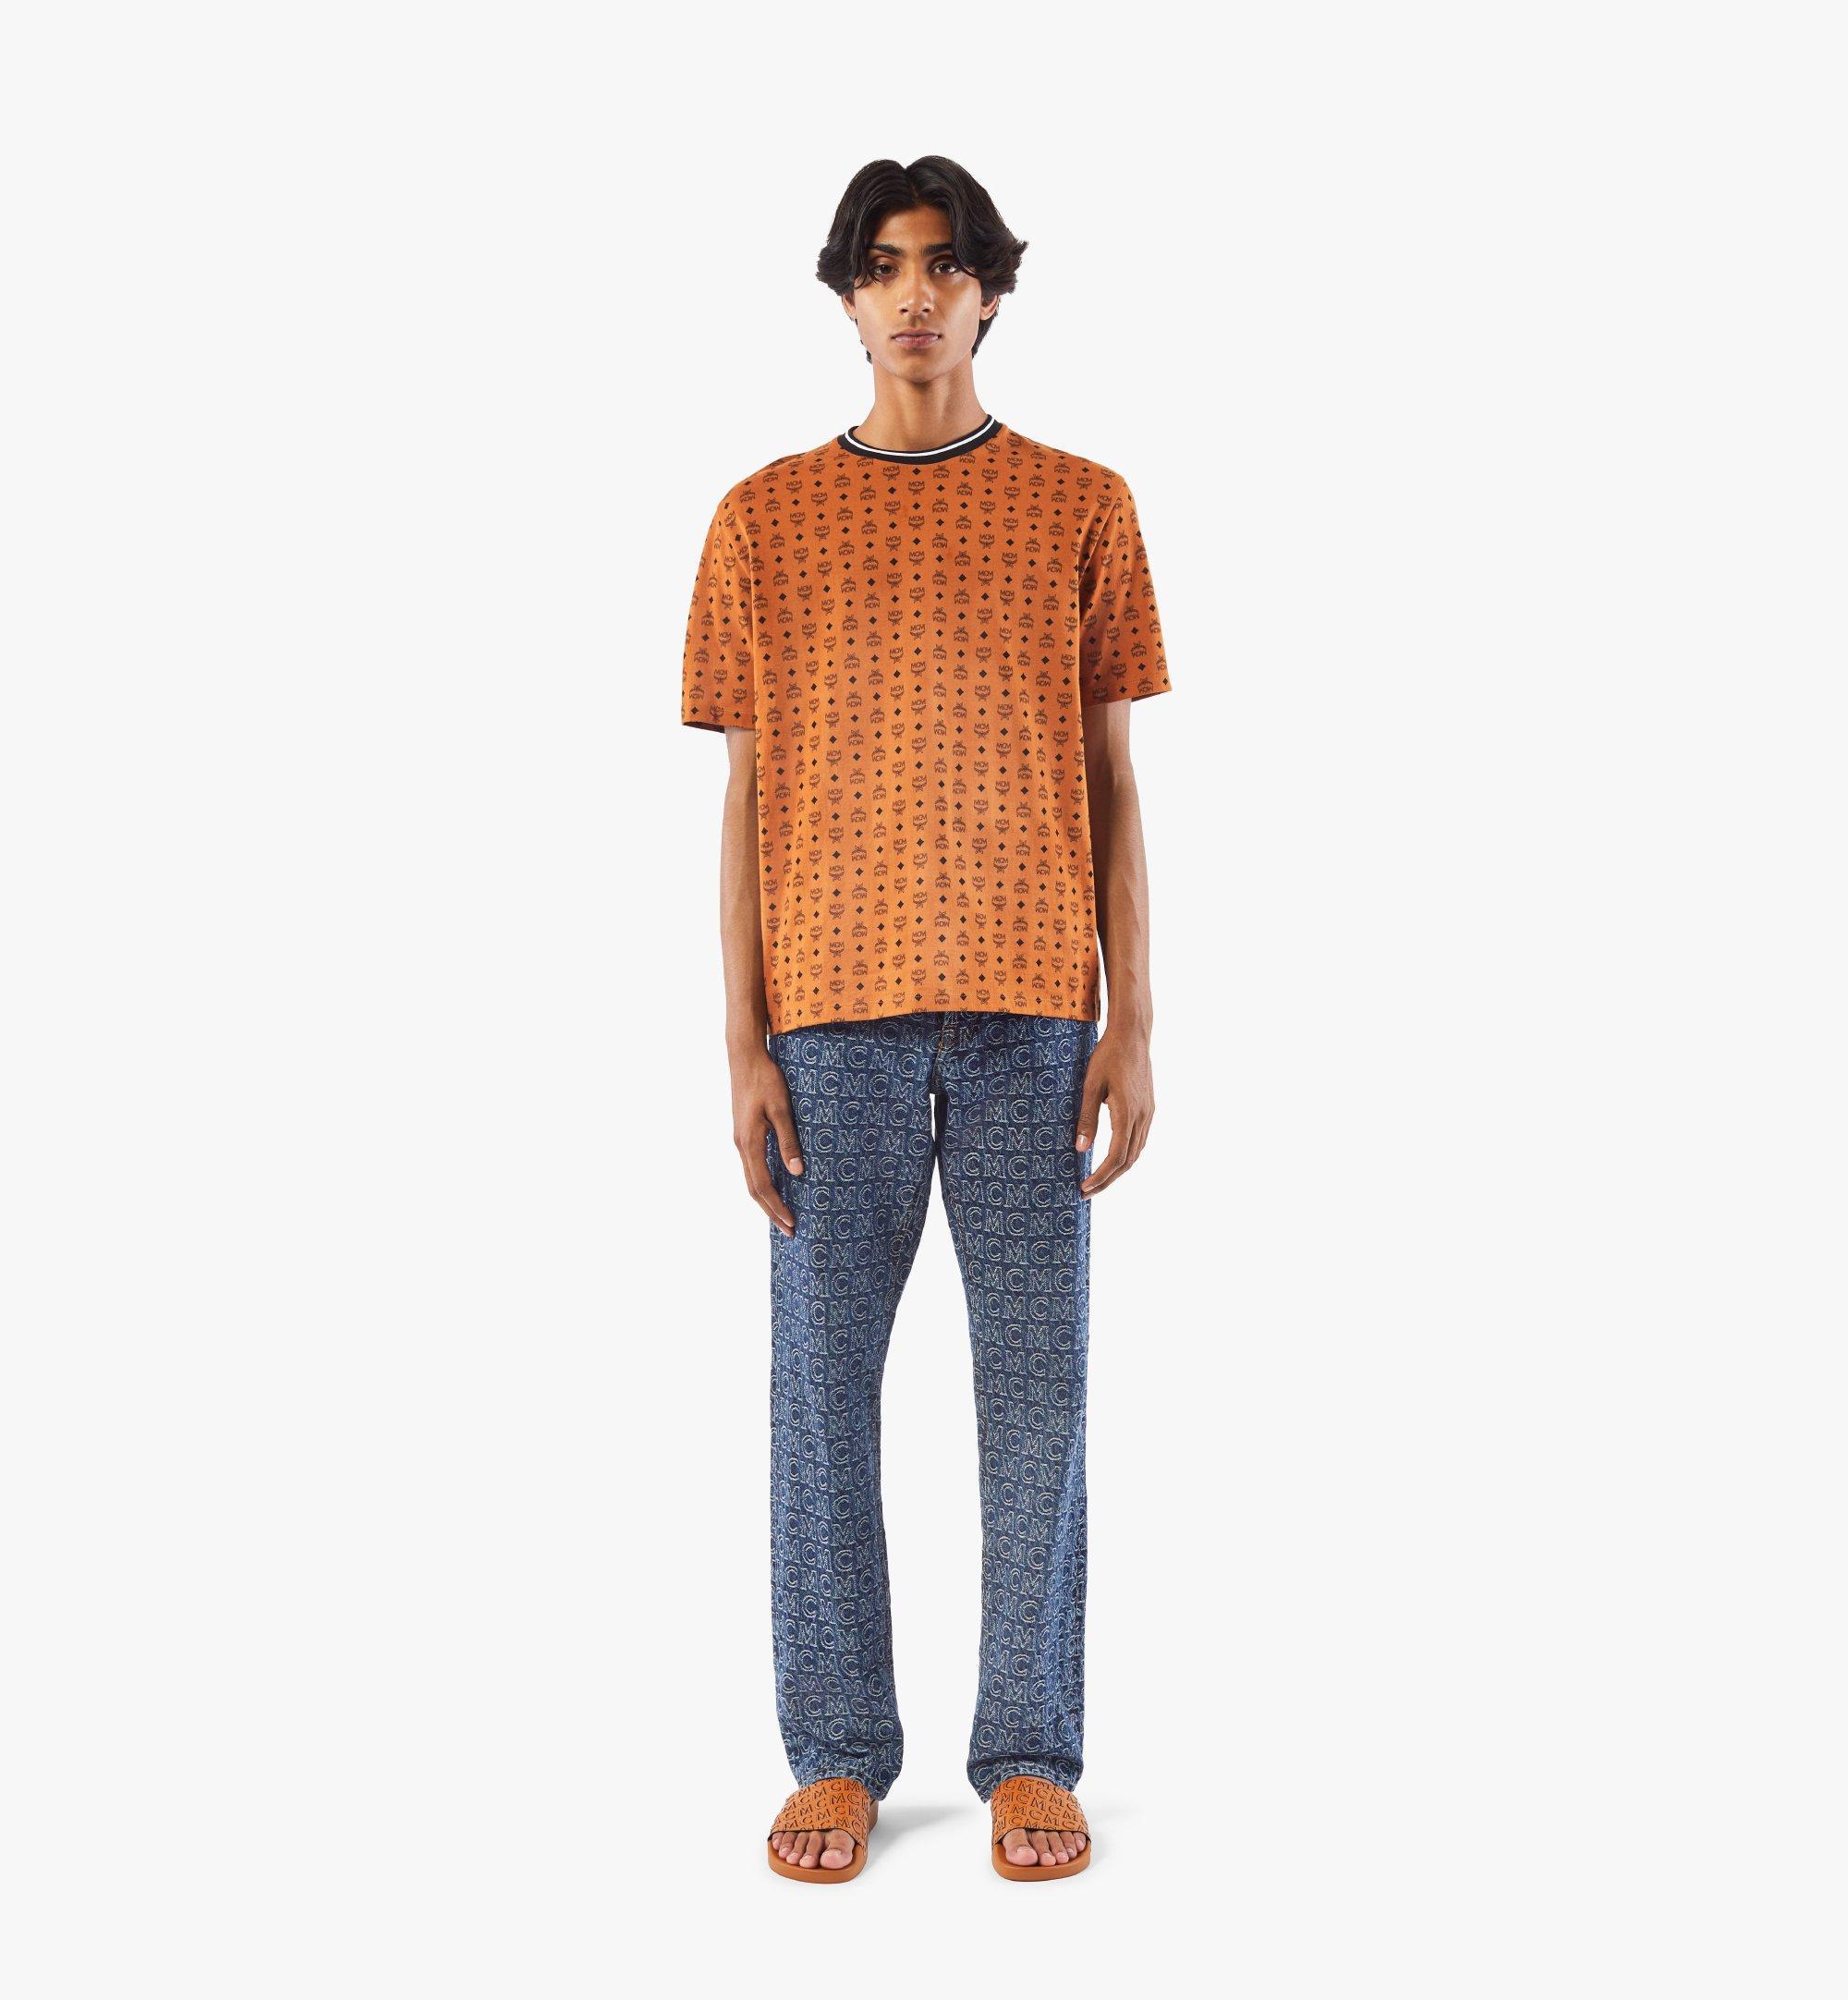 MCM 男士Visetos印花T恤 Cognac MHTAAMM05CO00L 更多视角 3